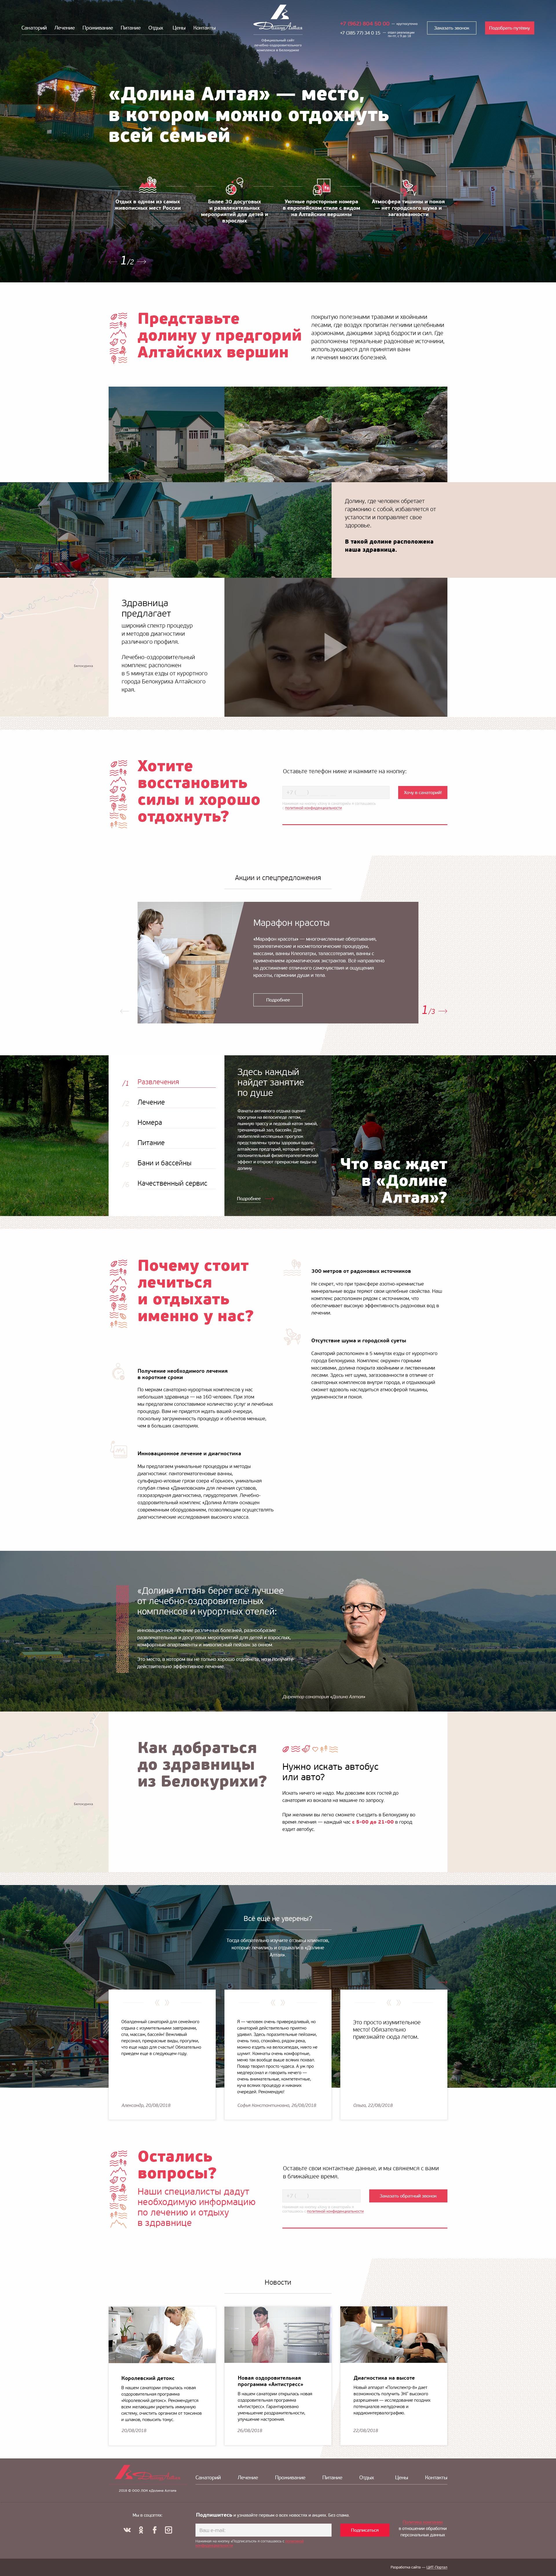 Разработка сайта санатория